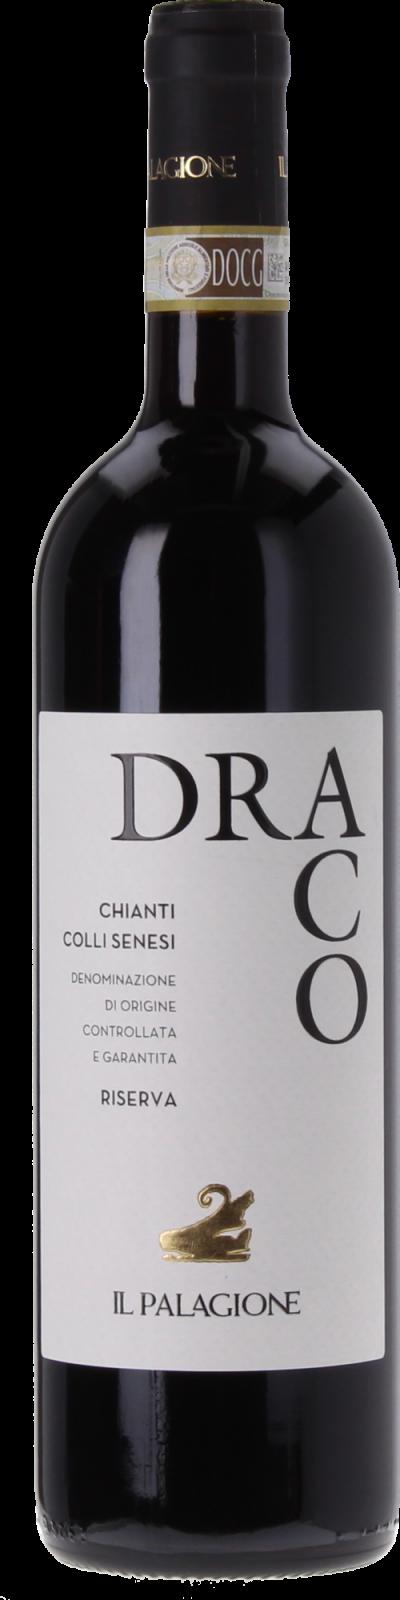 Chianti, Italienischer Rotwein, trocken aus der Toskana